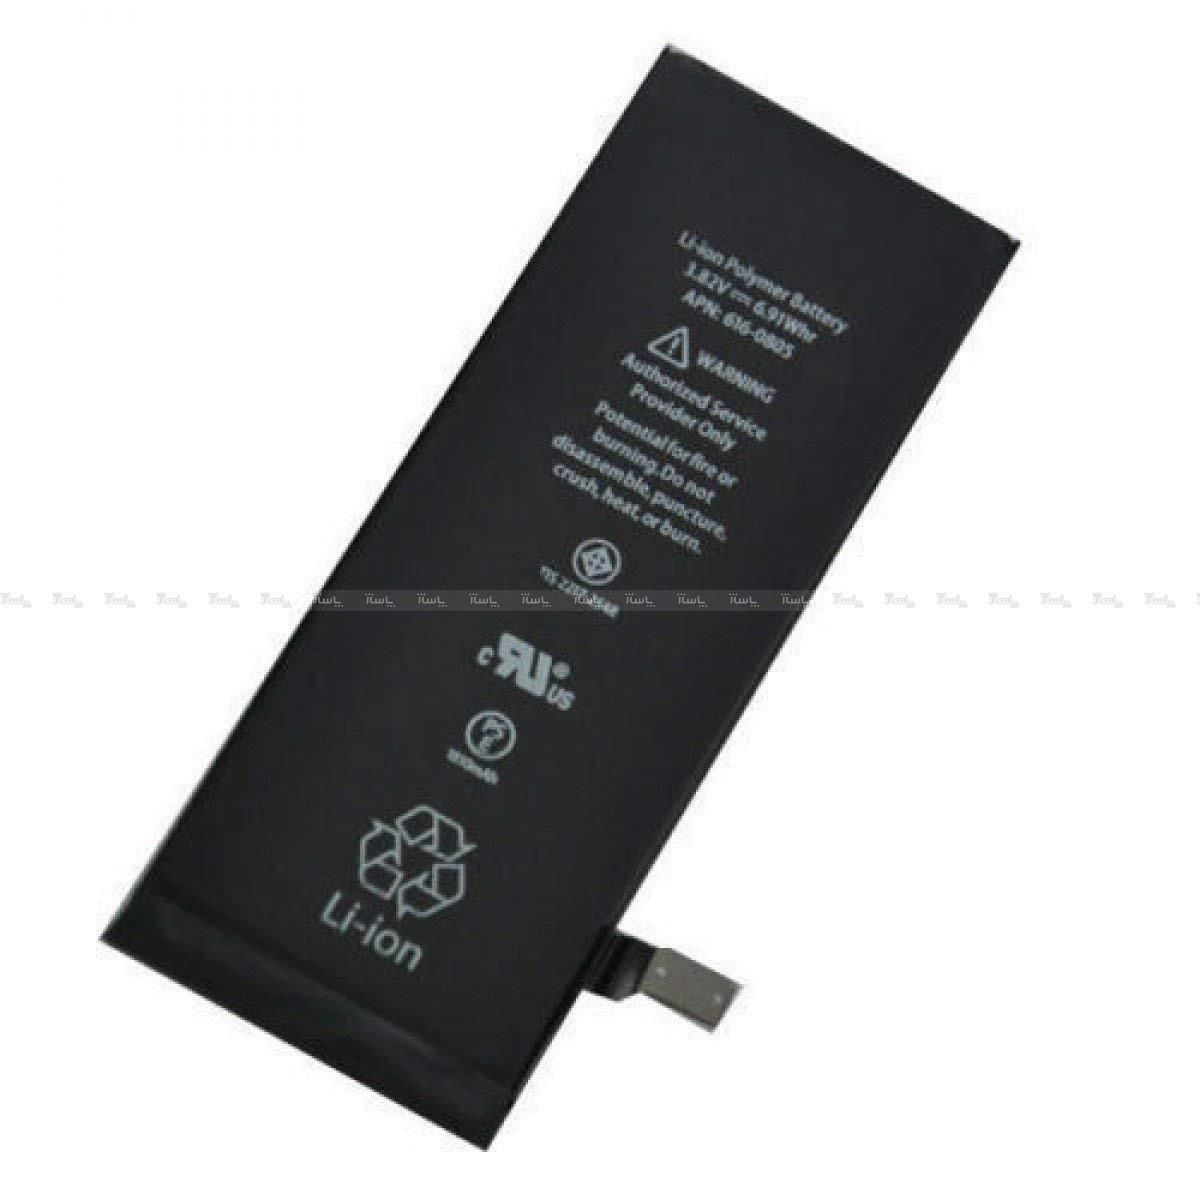 باتری صد در صد اورجینال اپل استوری Iphone 6s-تصویر اصلی